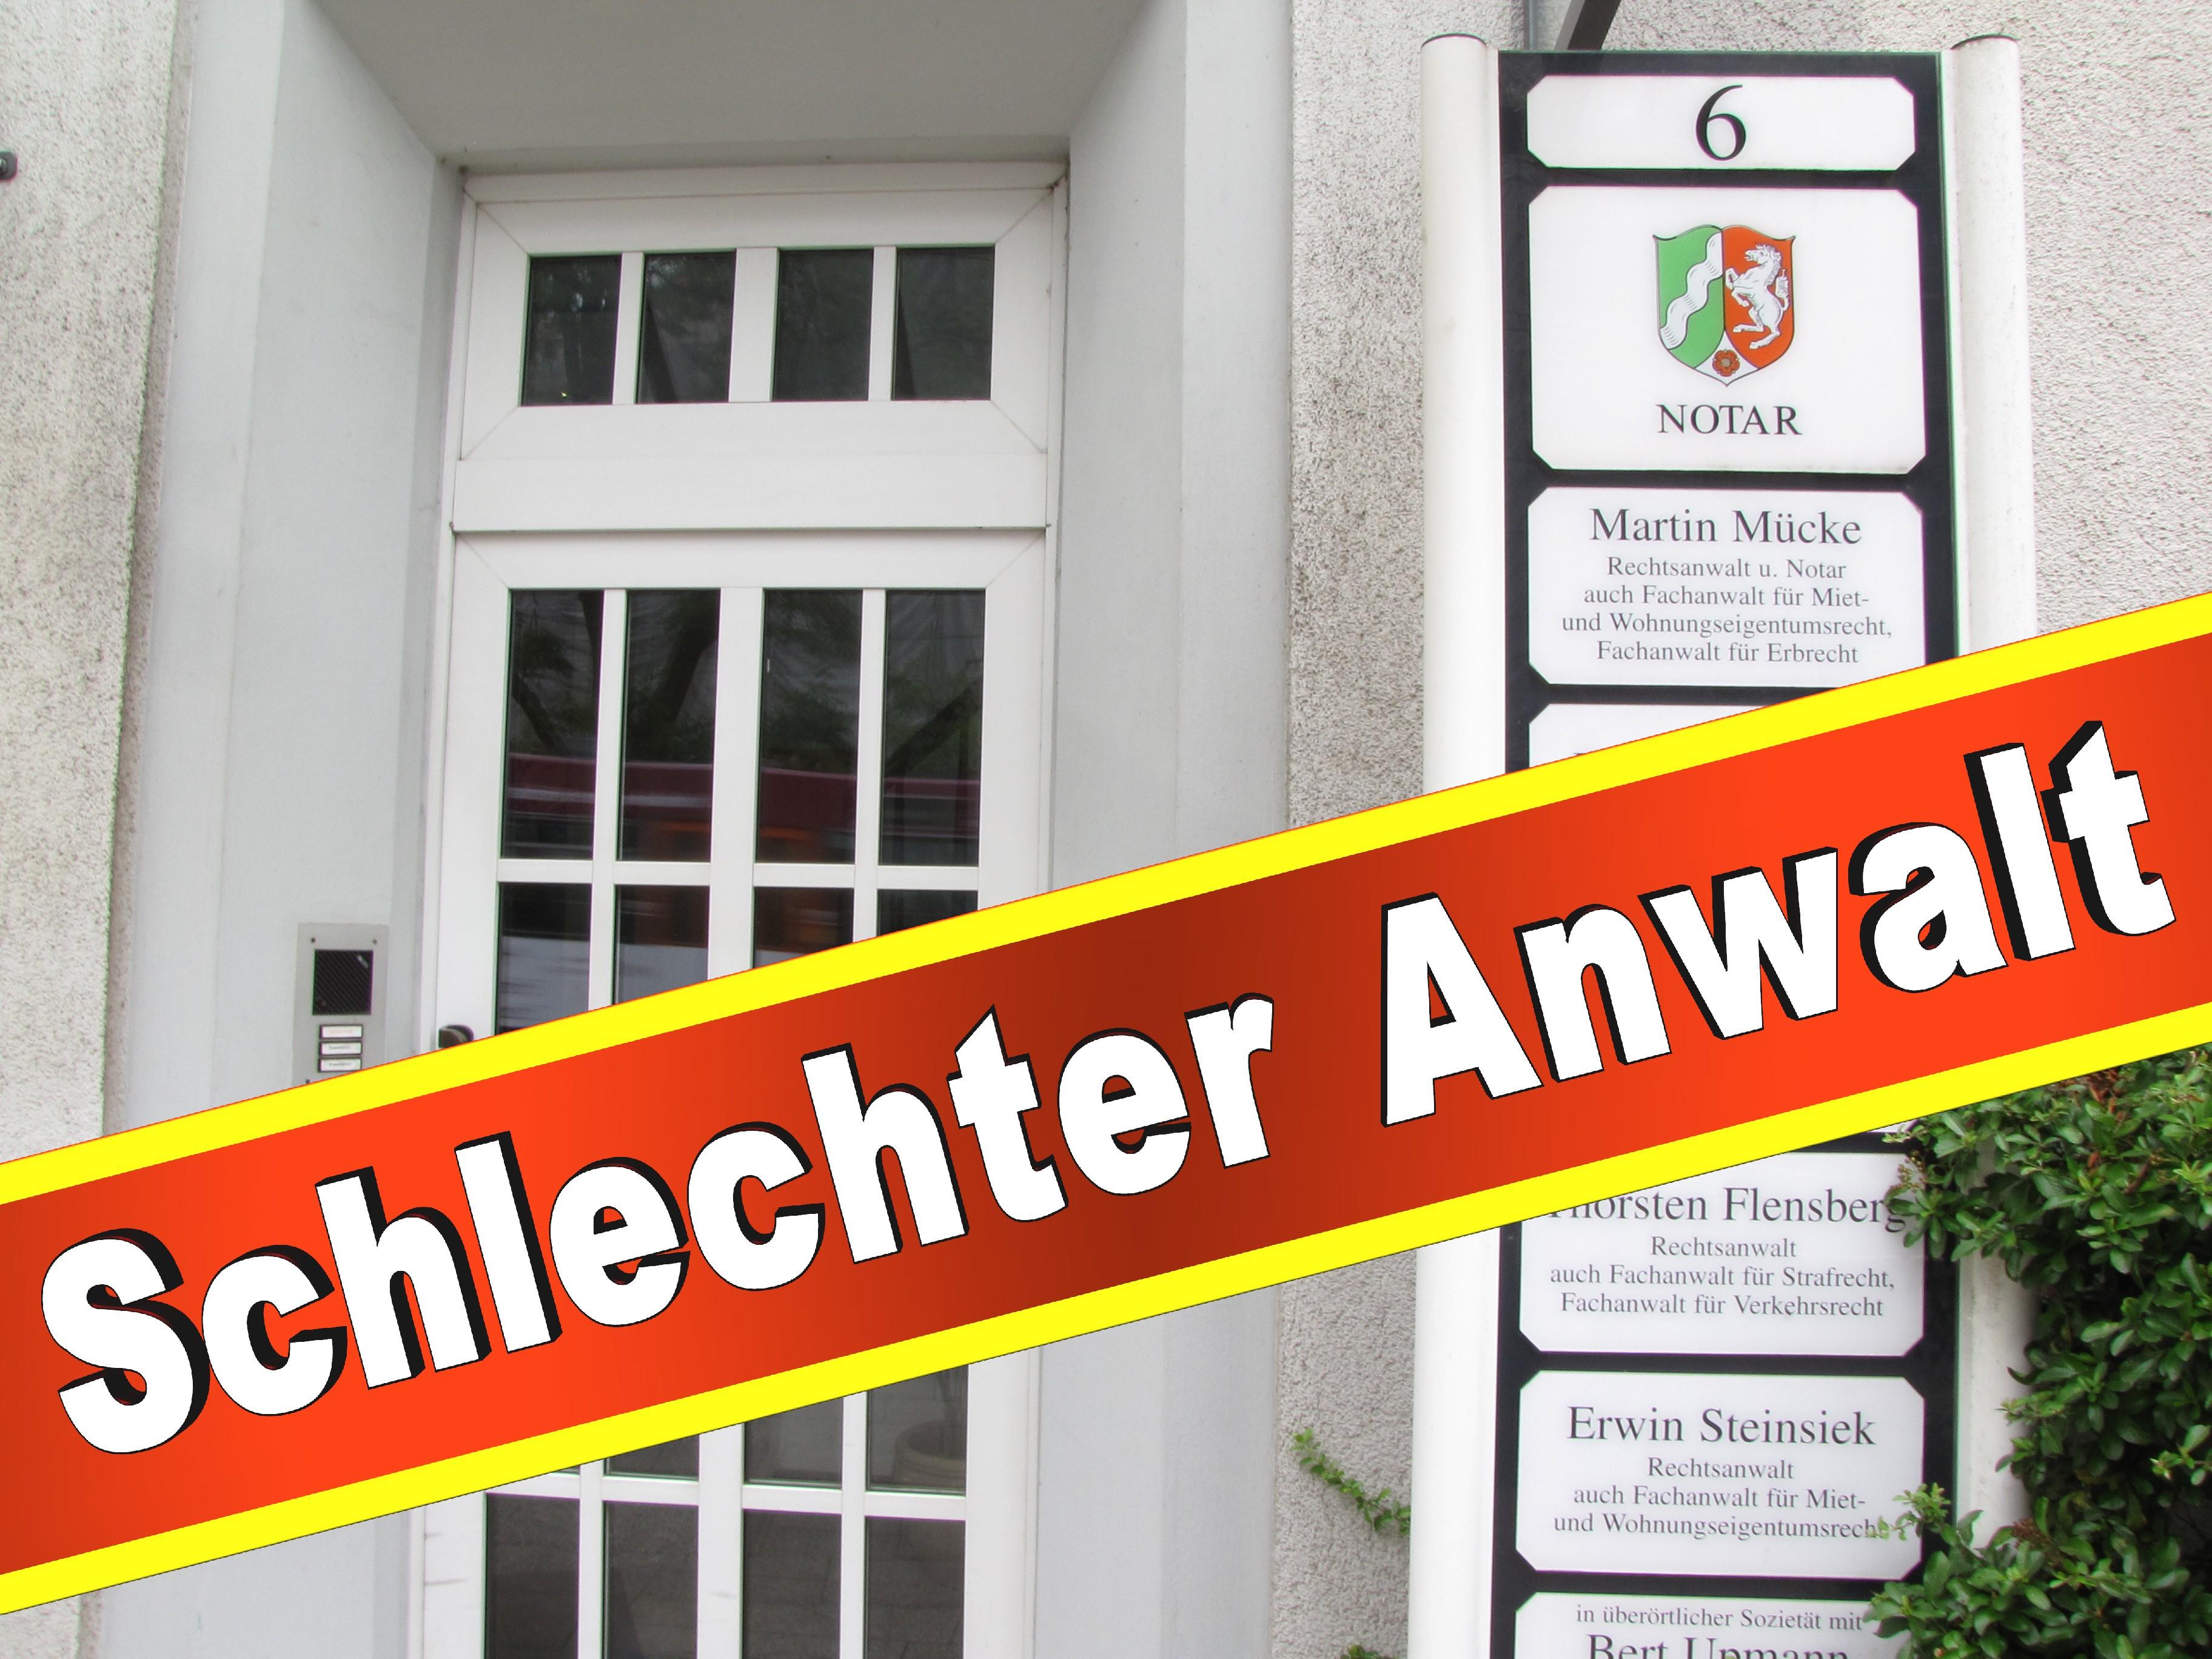 Rechtsanwalt Martin Mücke Bielefeld Maug Und Mücke Kanzlei Rechtsanwaltskanzlei 9 Kopie (2)